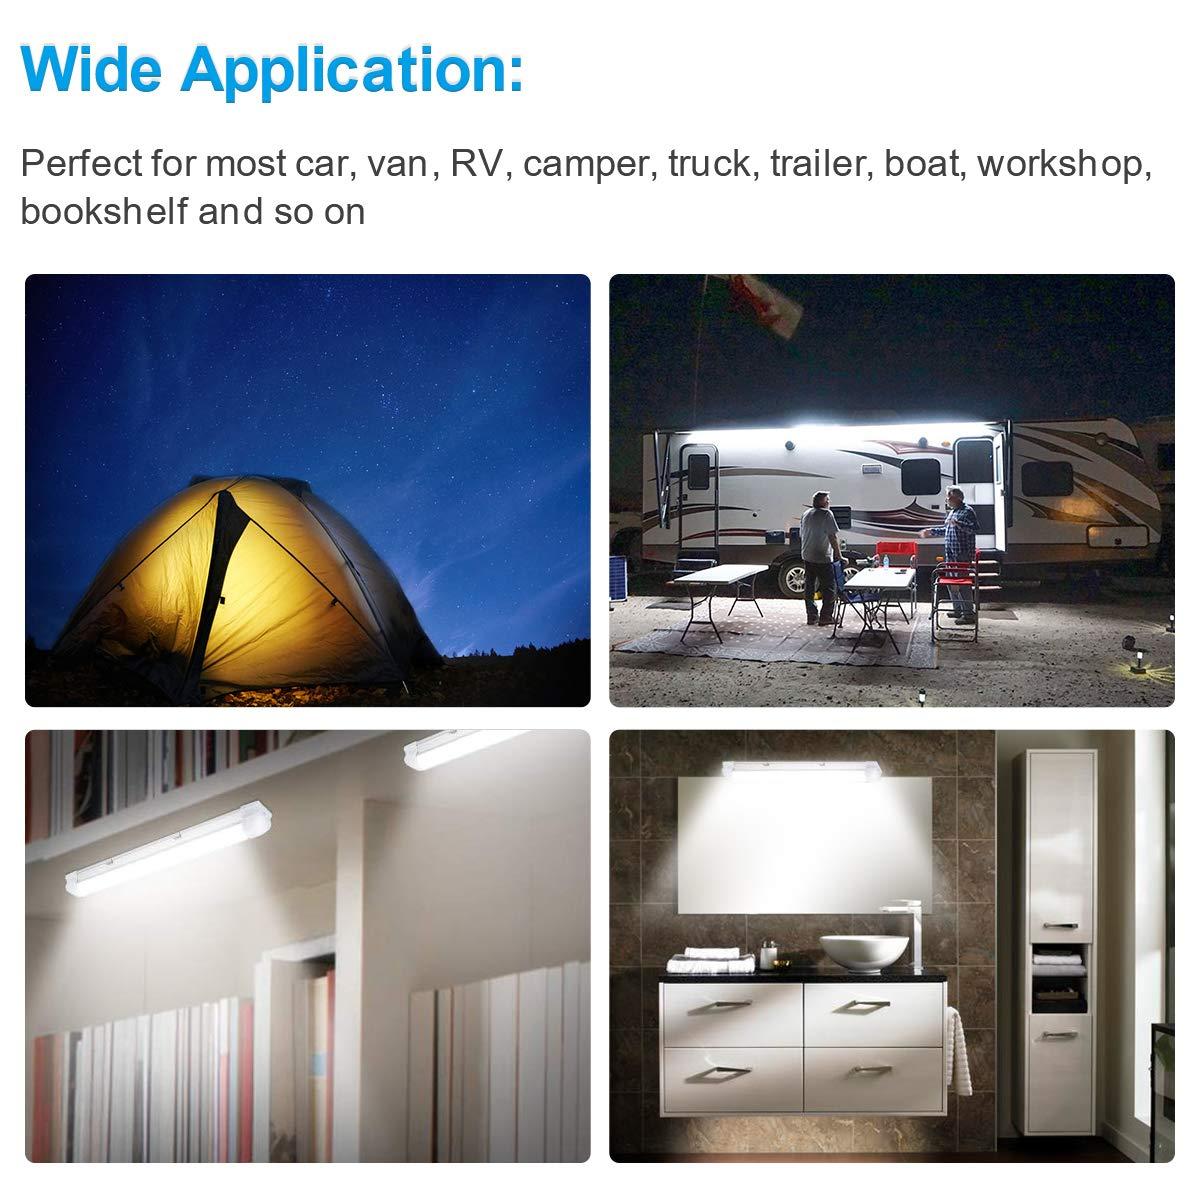 2pcs Interior Lights Lamp Strip Bar Universal for Car Camper Van Bus Caravan Boat Motorhome Kitchen Bathroom 340MM with 2 Extension cord 72 LEDs 12V-24V